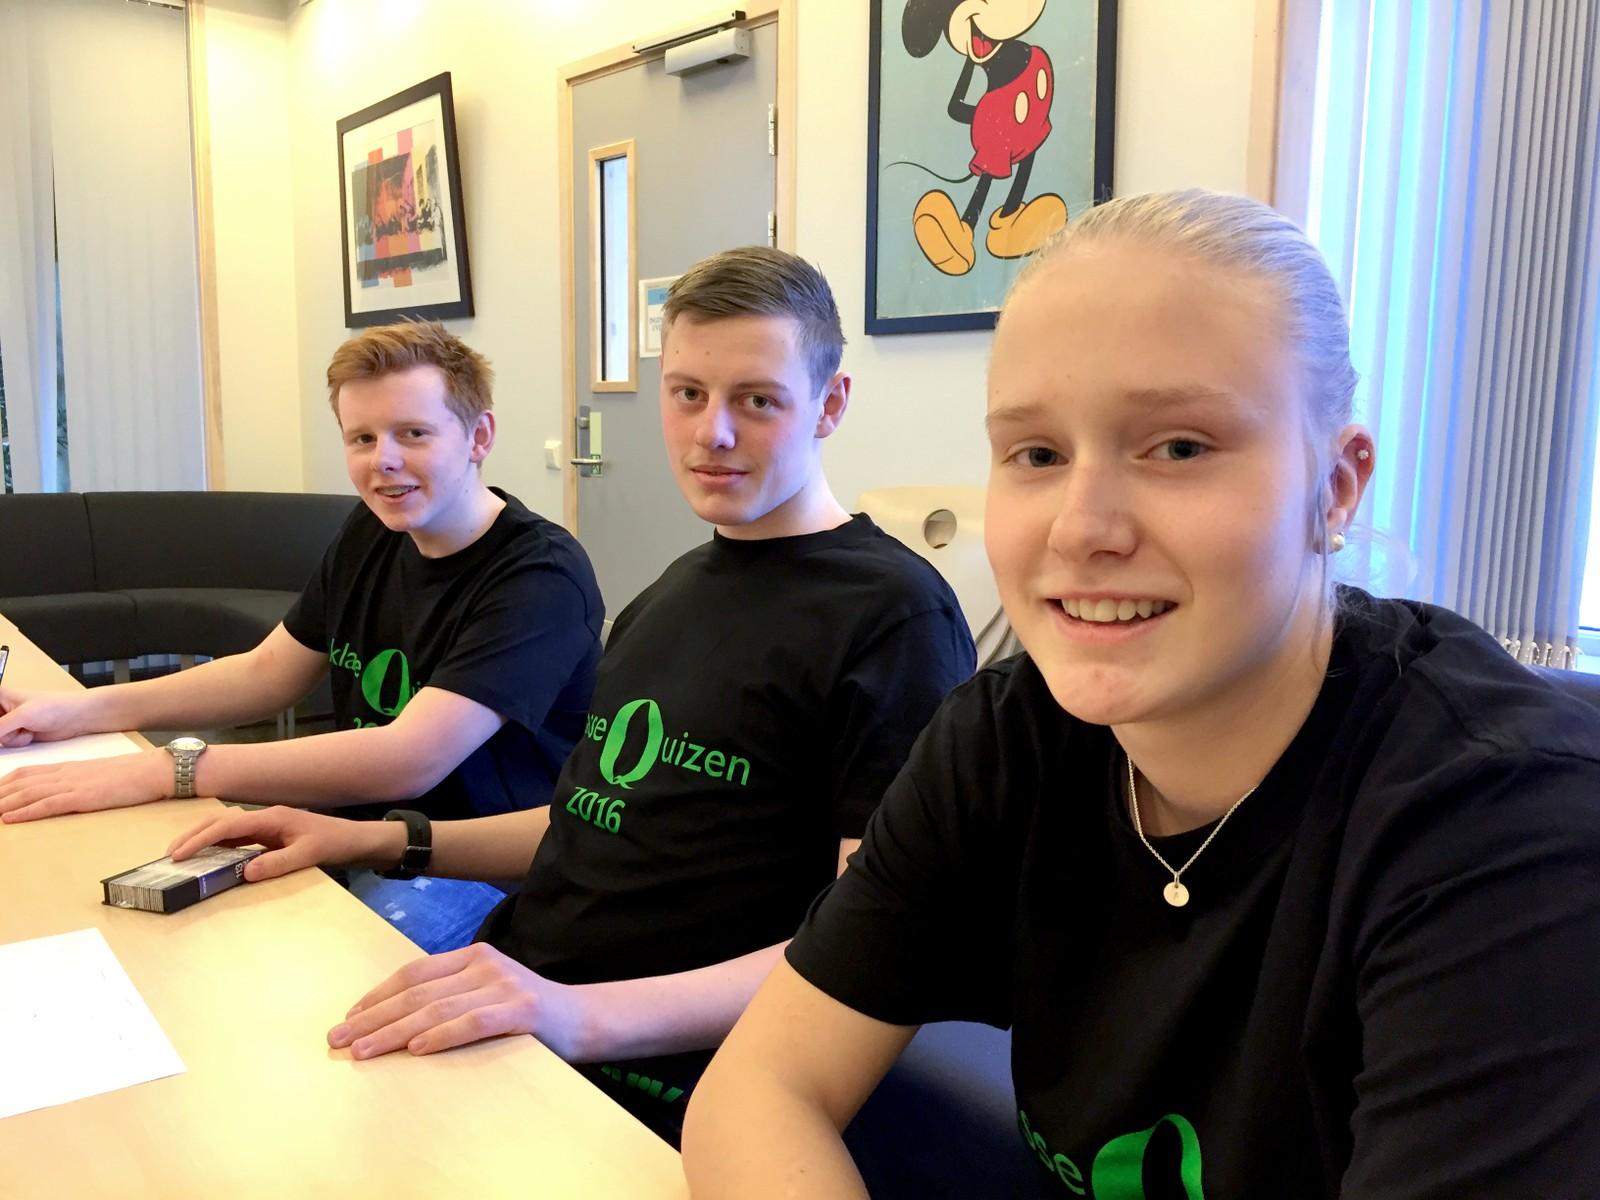 Alexander W. Lyngstad, Arnt Tomas Sundli og Ane Huus fra Støren ungdomsskole fikk 10 poeng.